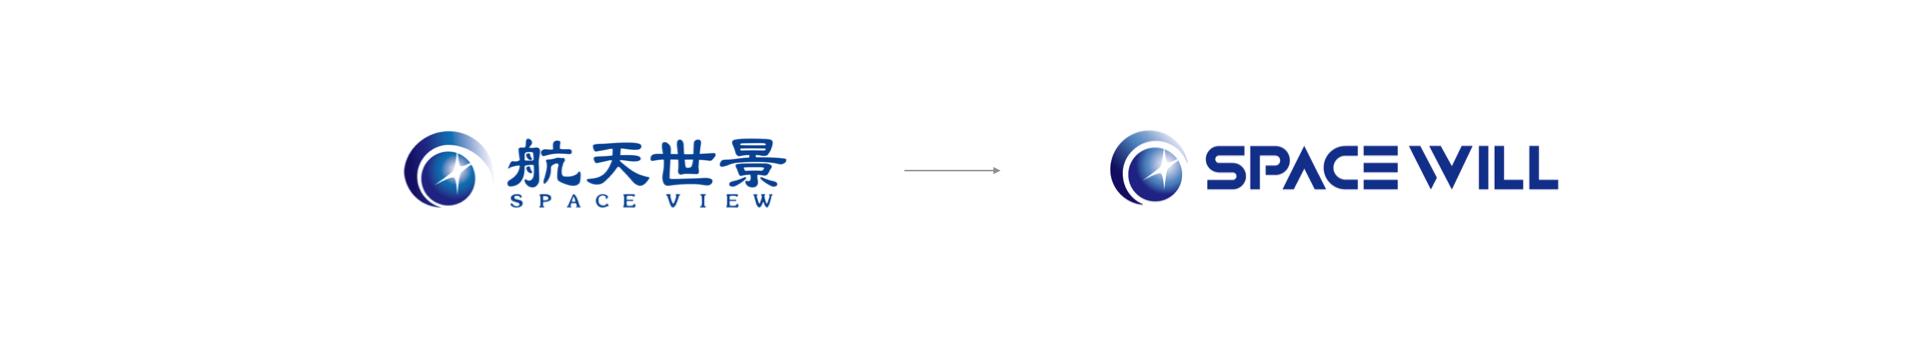 航天世景logo升级